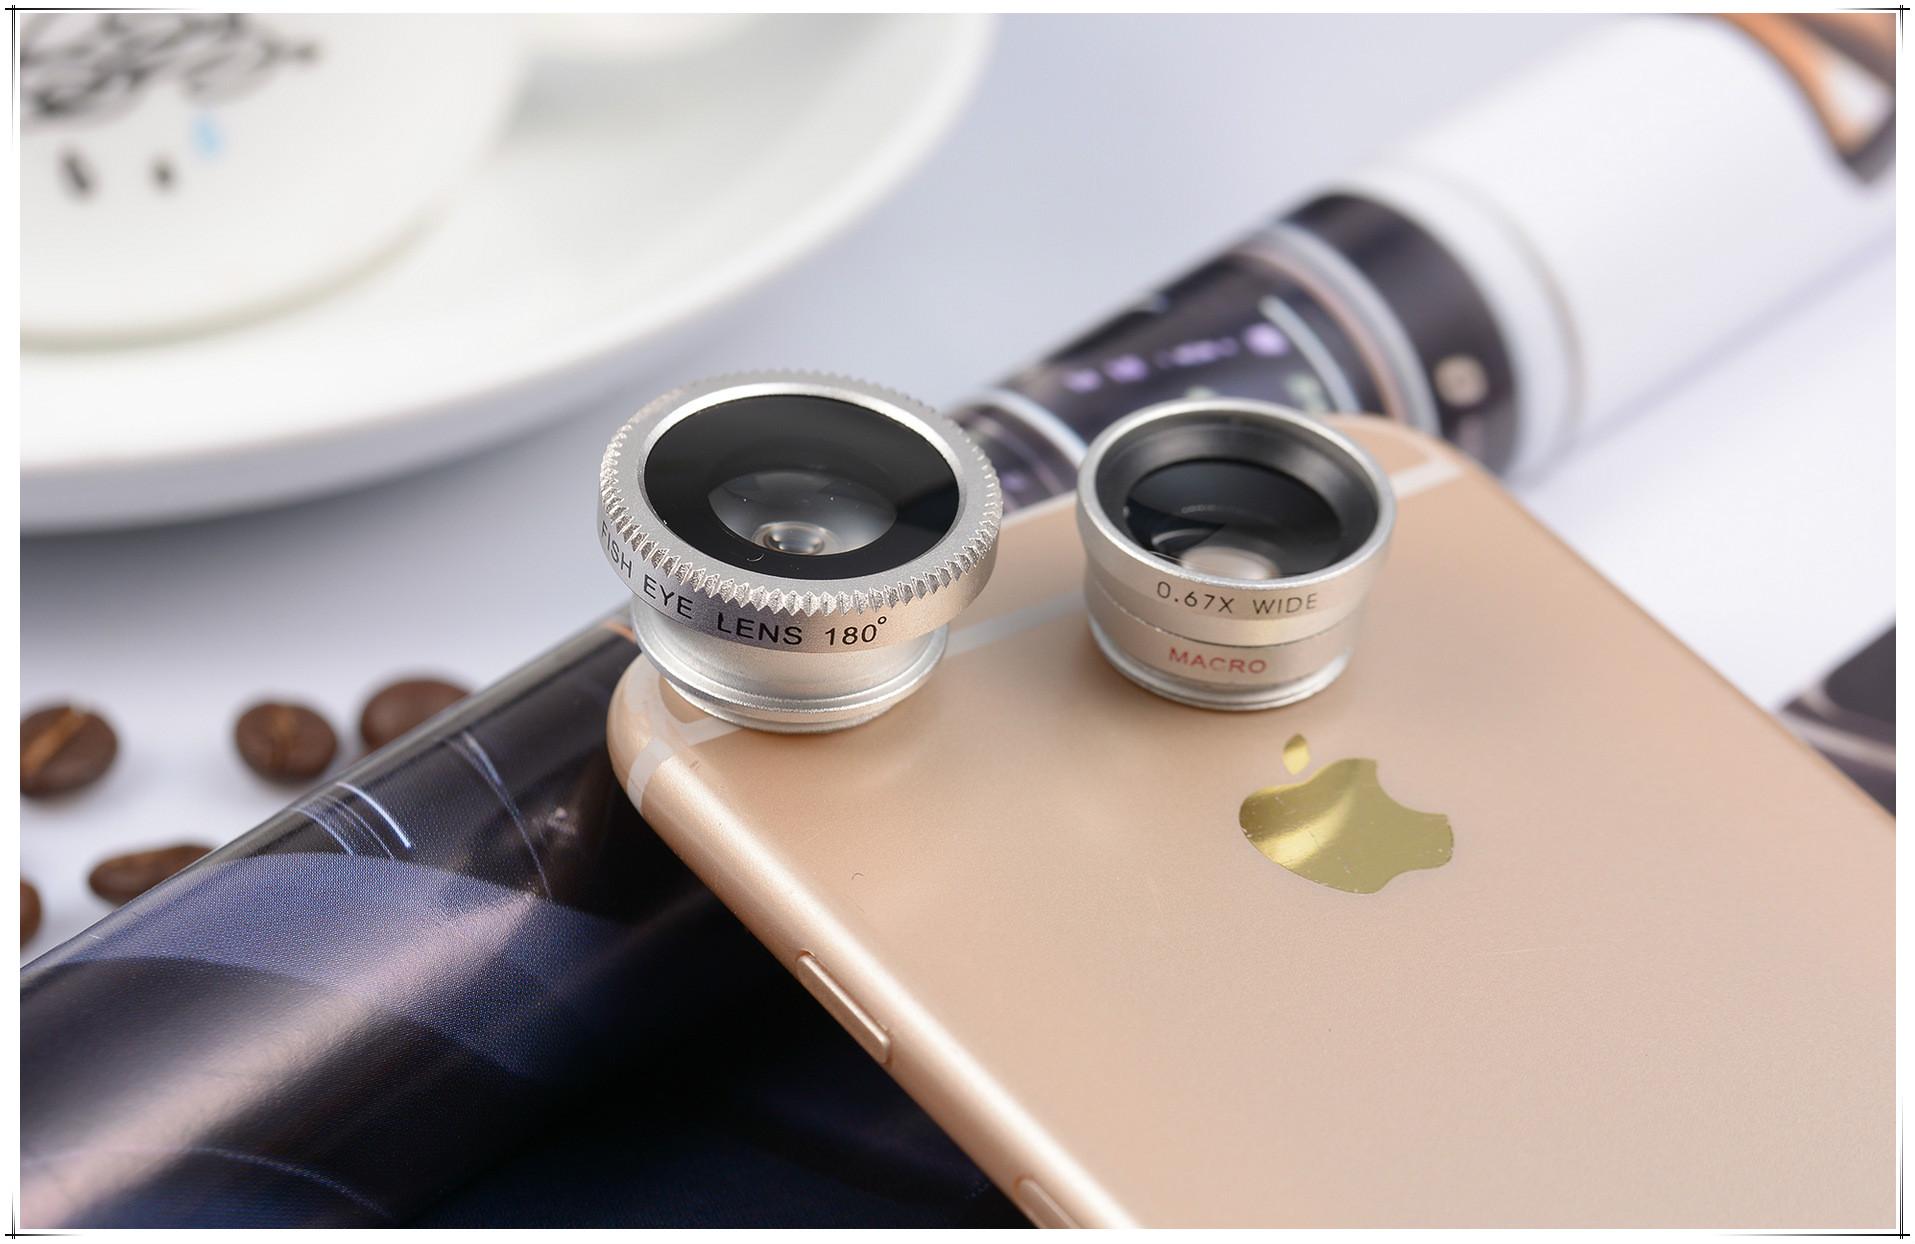 特效手机镜头广角鱼眼微距三合一外置自拍神器多功能通用美颜拍照